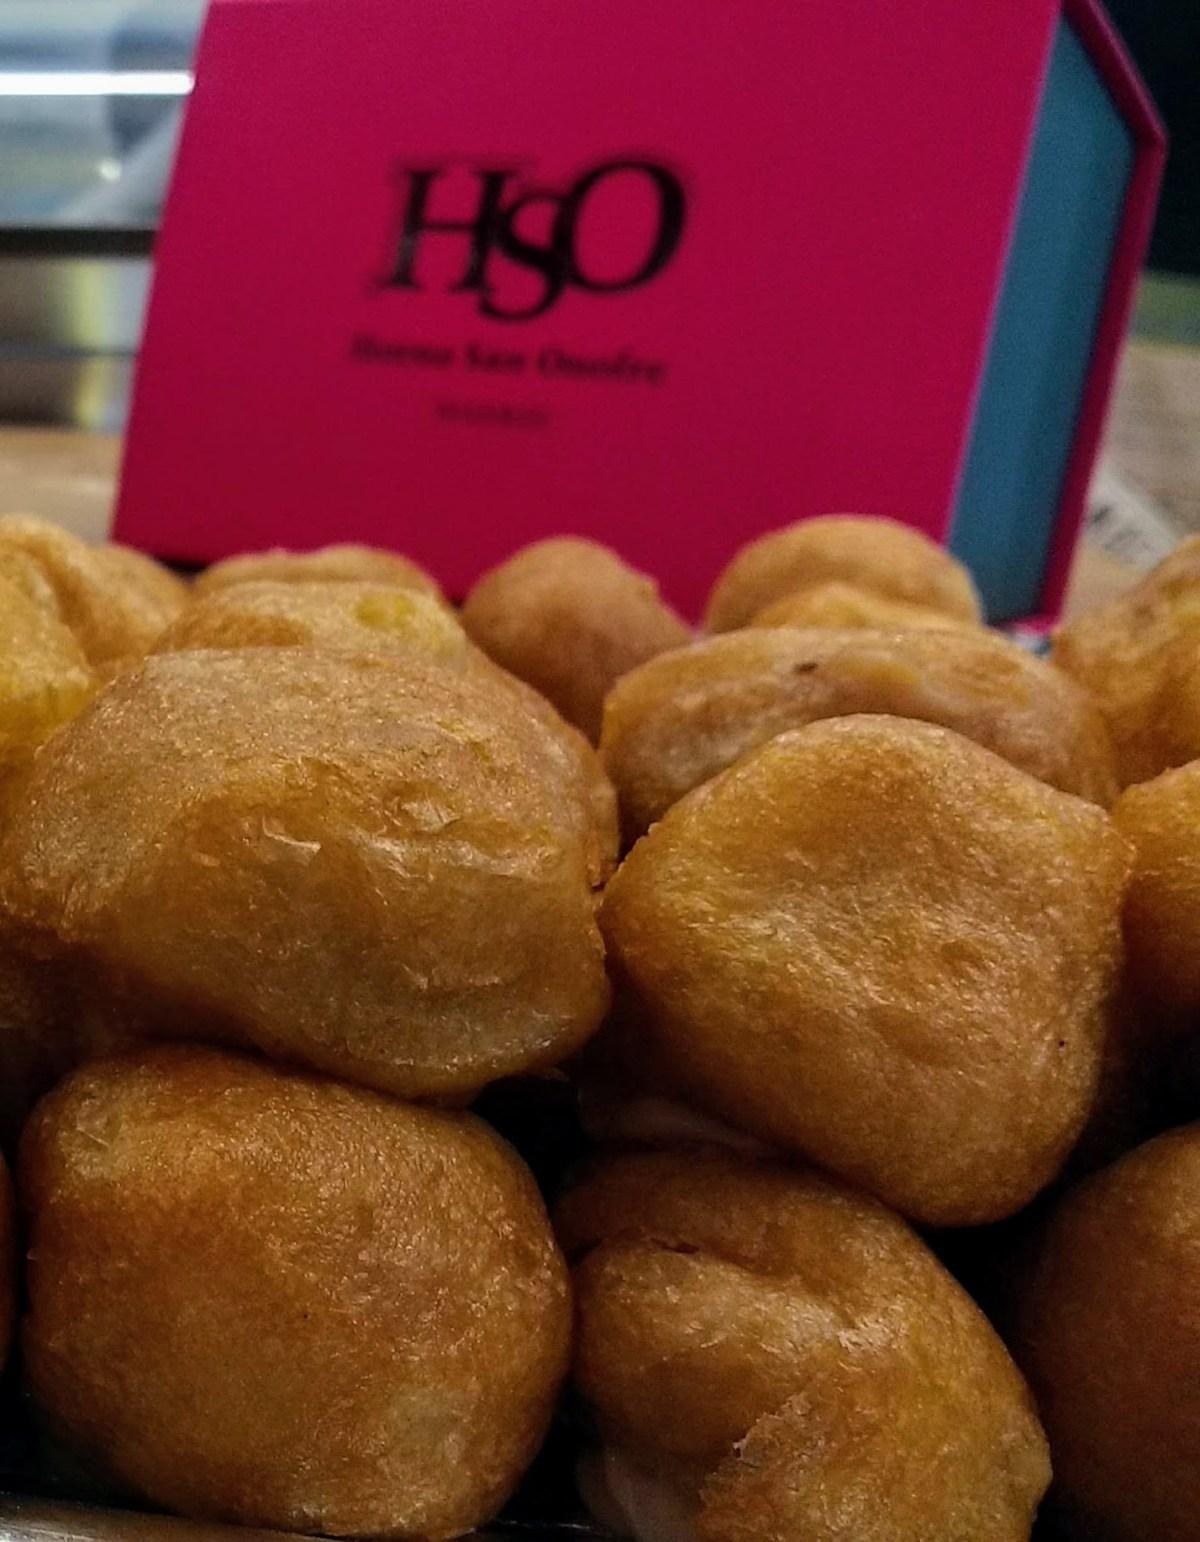 Pastelería Horno San Onofre